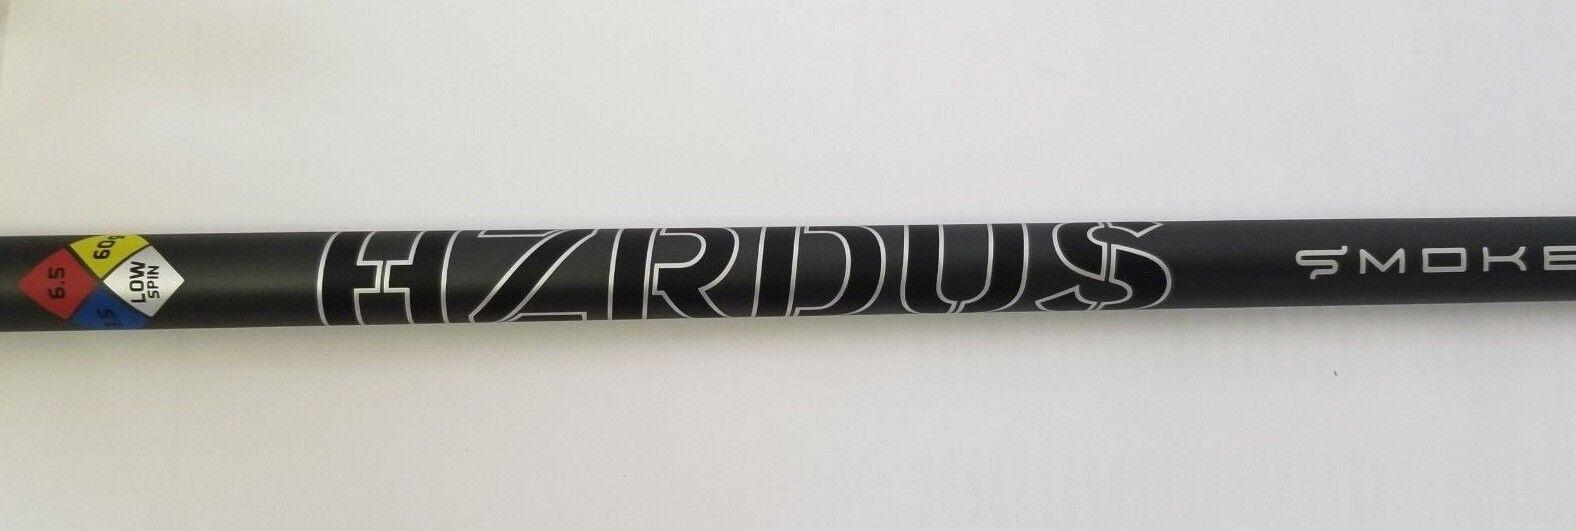 Nouveau Projet X hzrdus Smoke 6.5 60 G Driver, FWY Arbre .335 Astuce